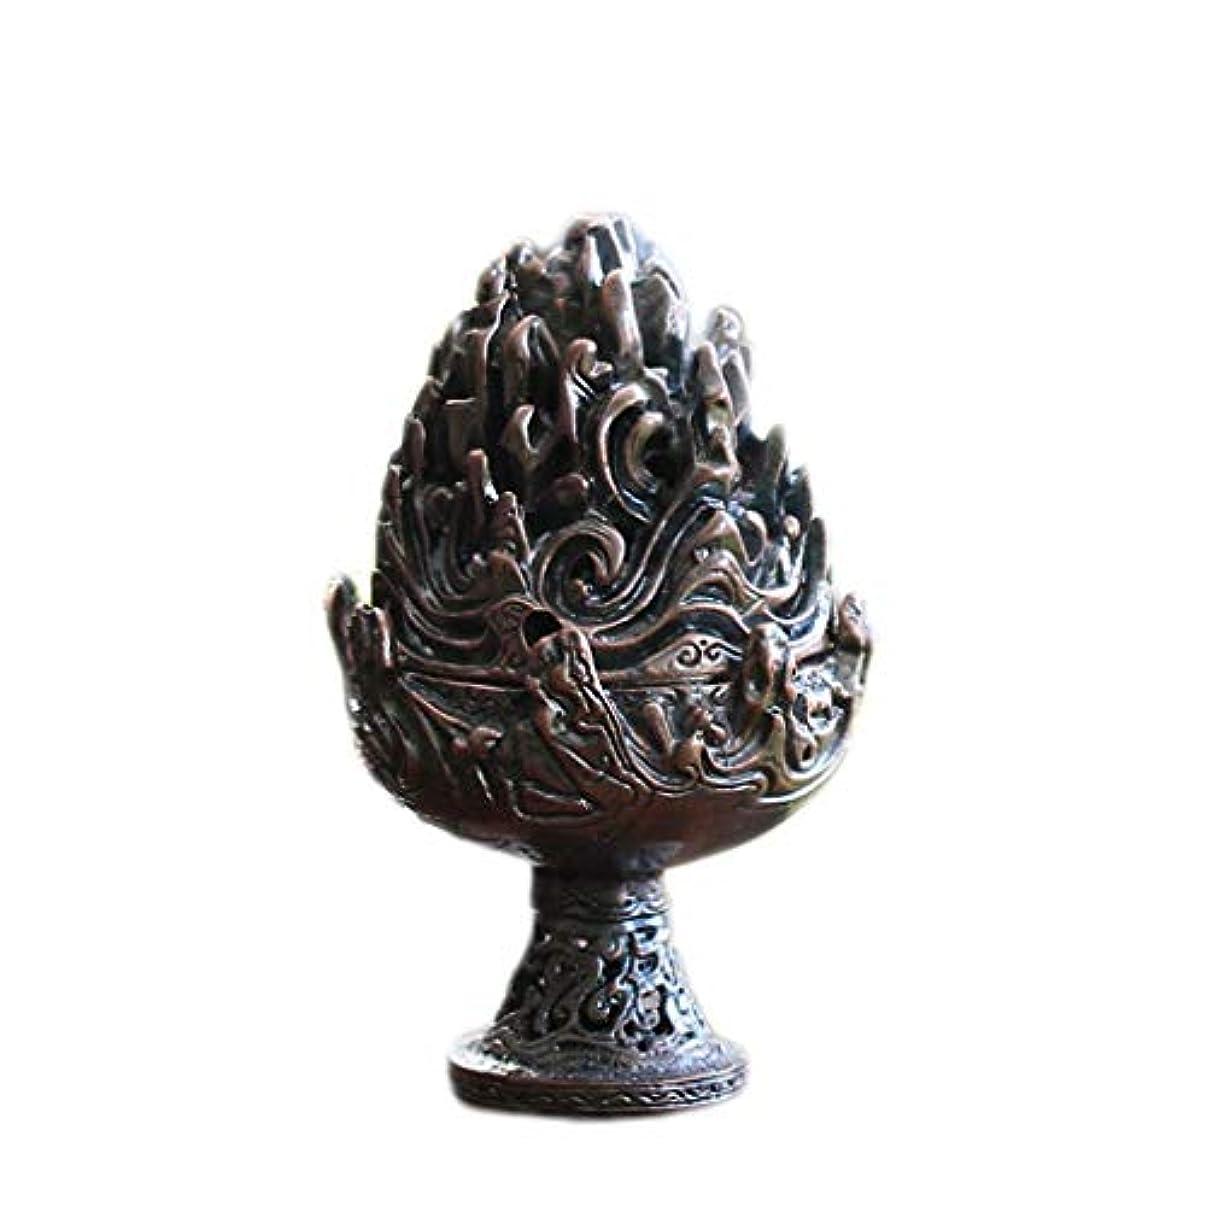 同級生打倒きつくホームアロマバーナー 純銅香炉レトロ懐かしい屋内真鍮銅香炉 アロマバーナー (Color : Purple copper)